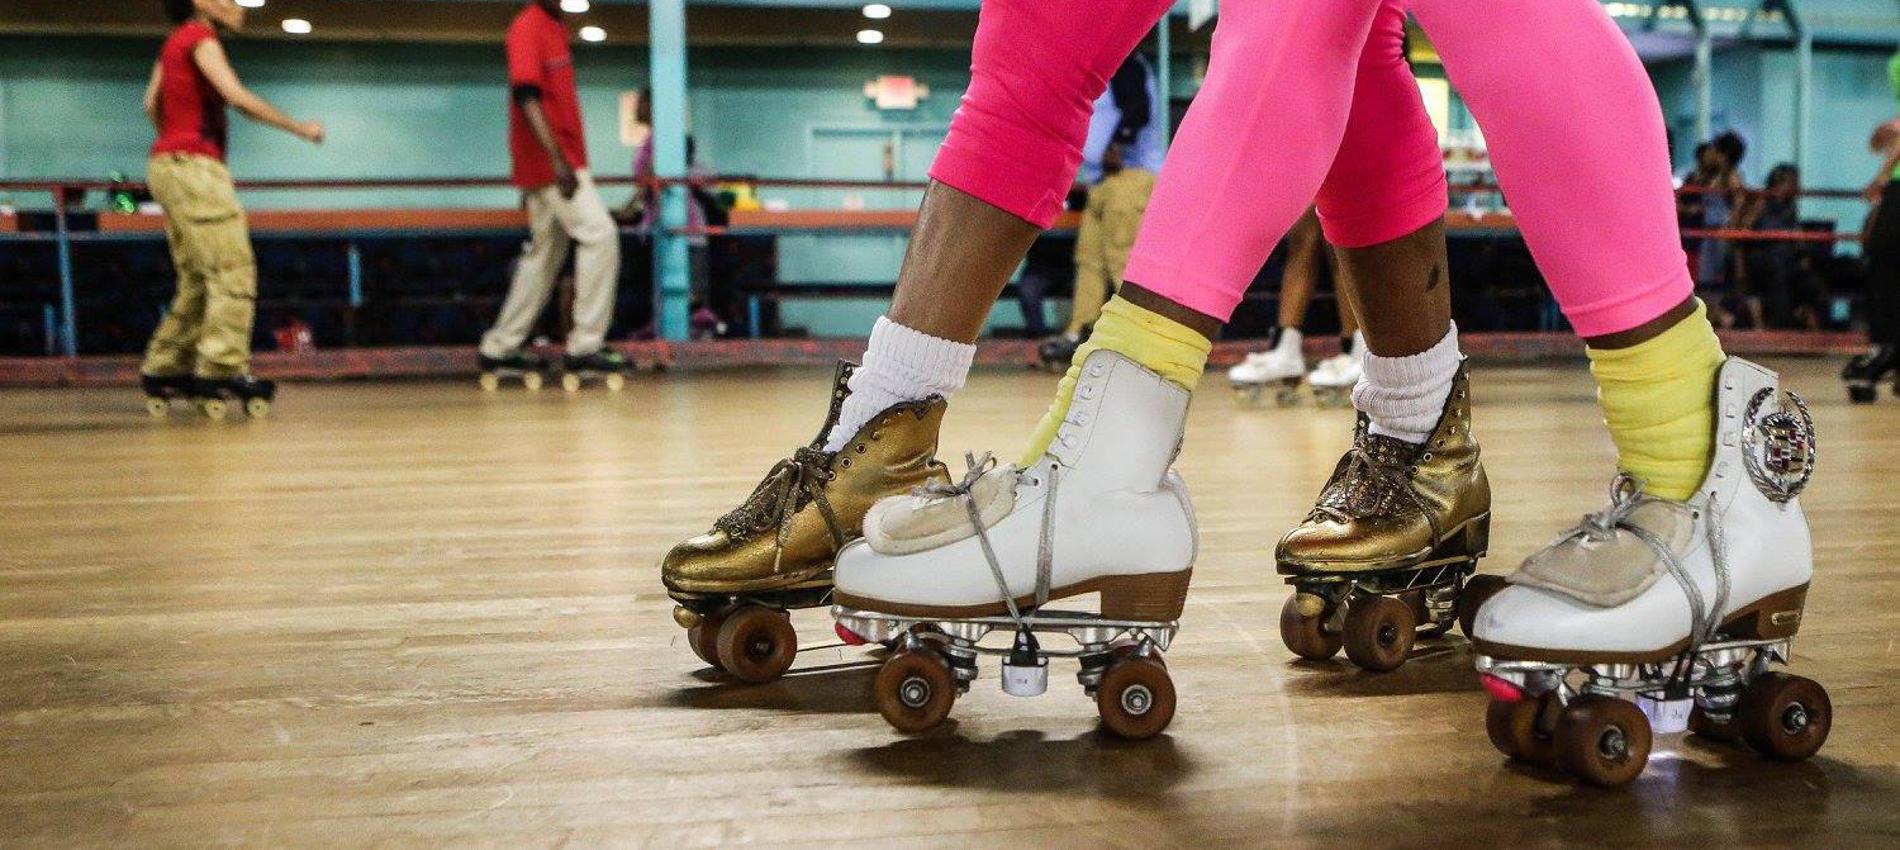 Roller skating rink oakville - Stlfinest24b Jpg